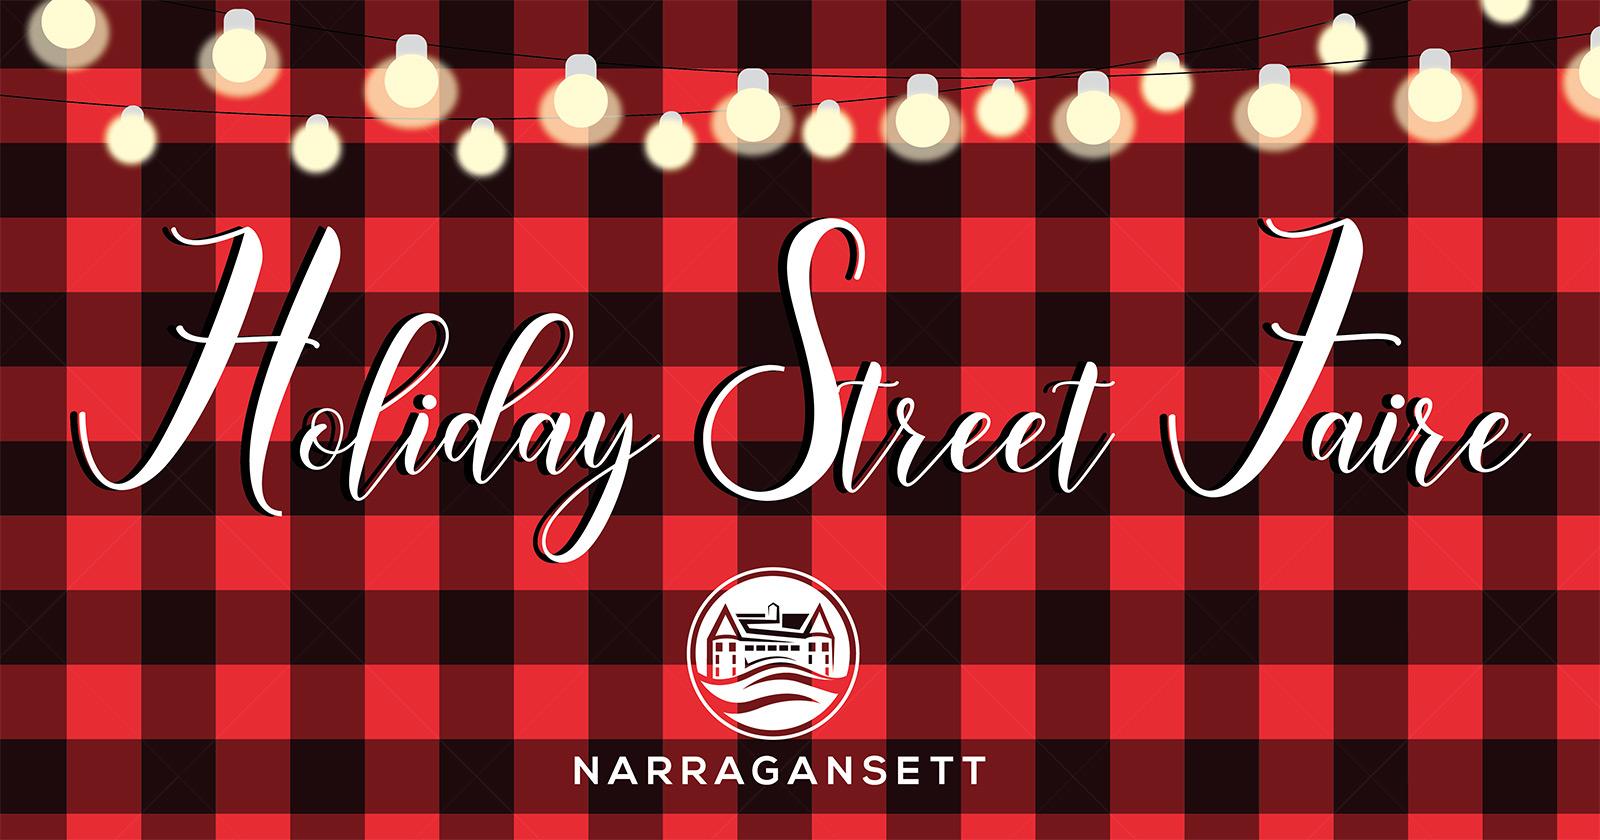 narragansett-holiday-street-faire-tall